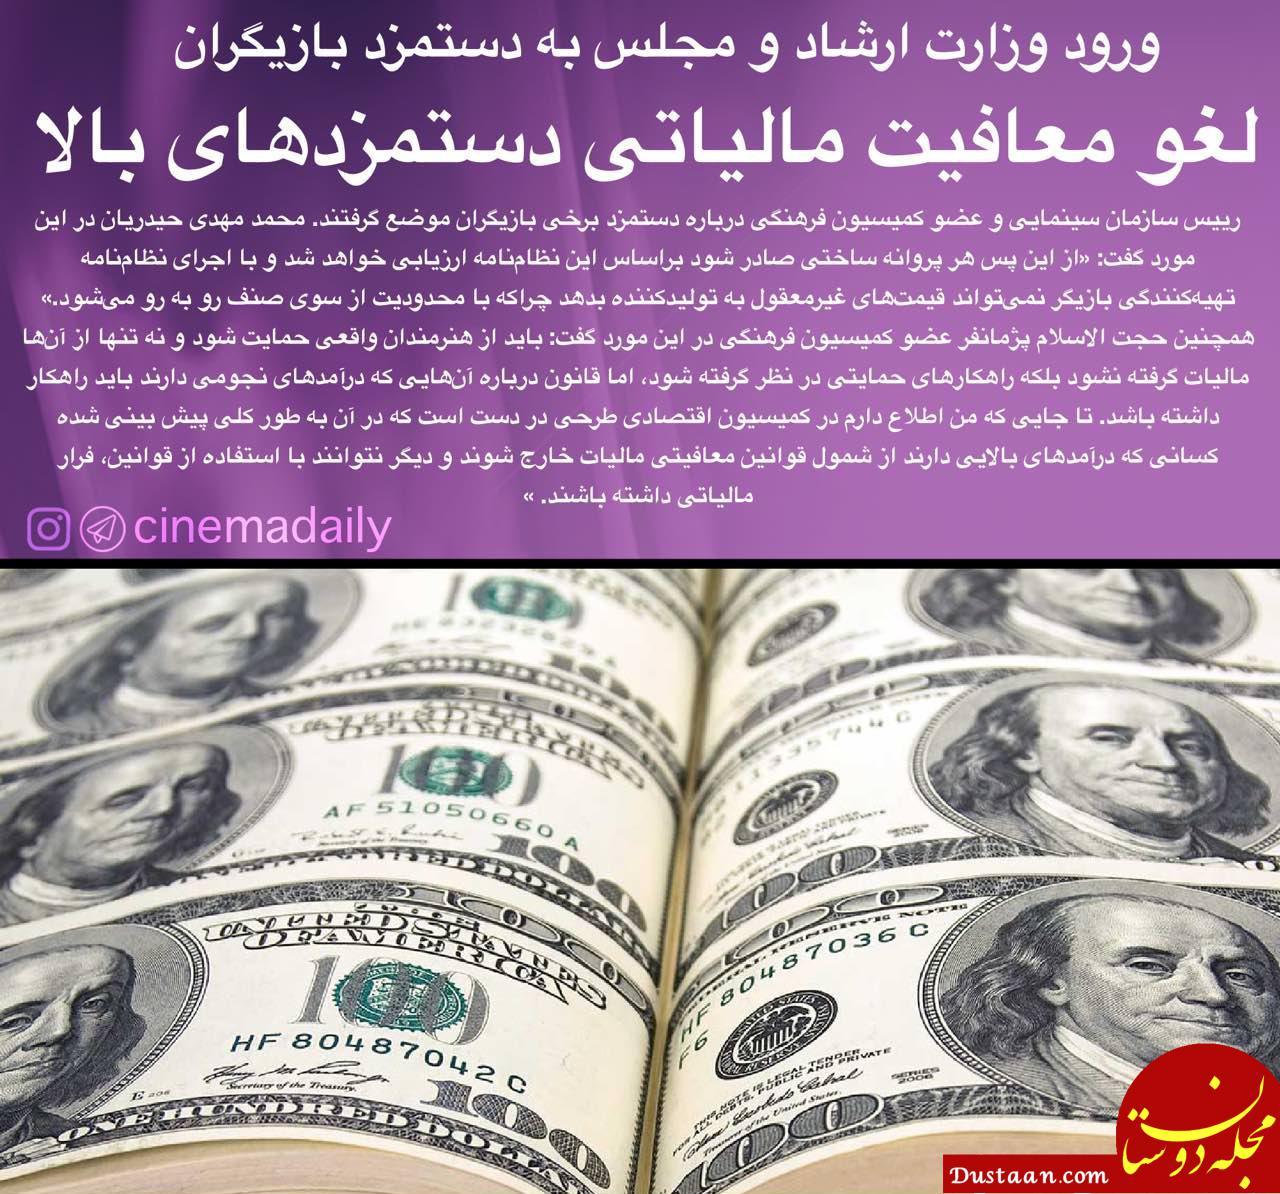 ورود وزارت ارشاد و کمیسیون فرهنگی به دستمزد بازیگران